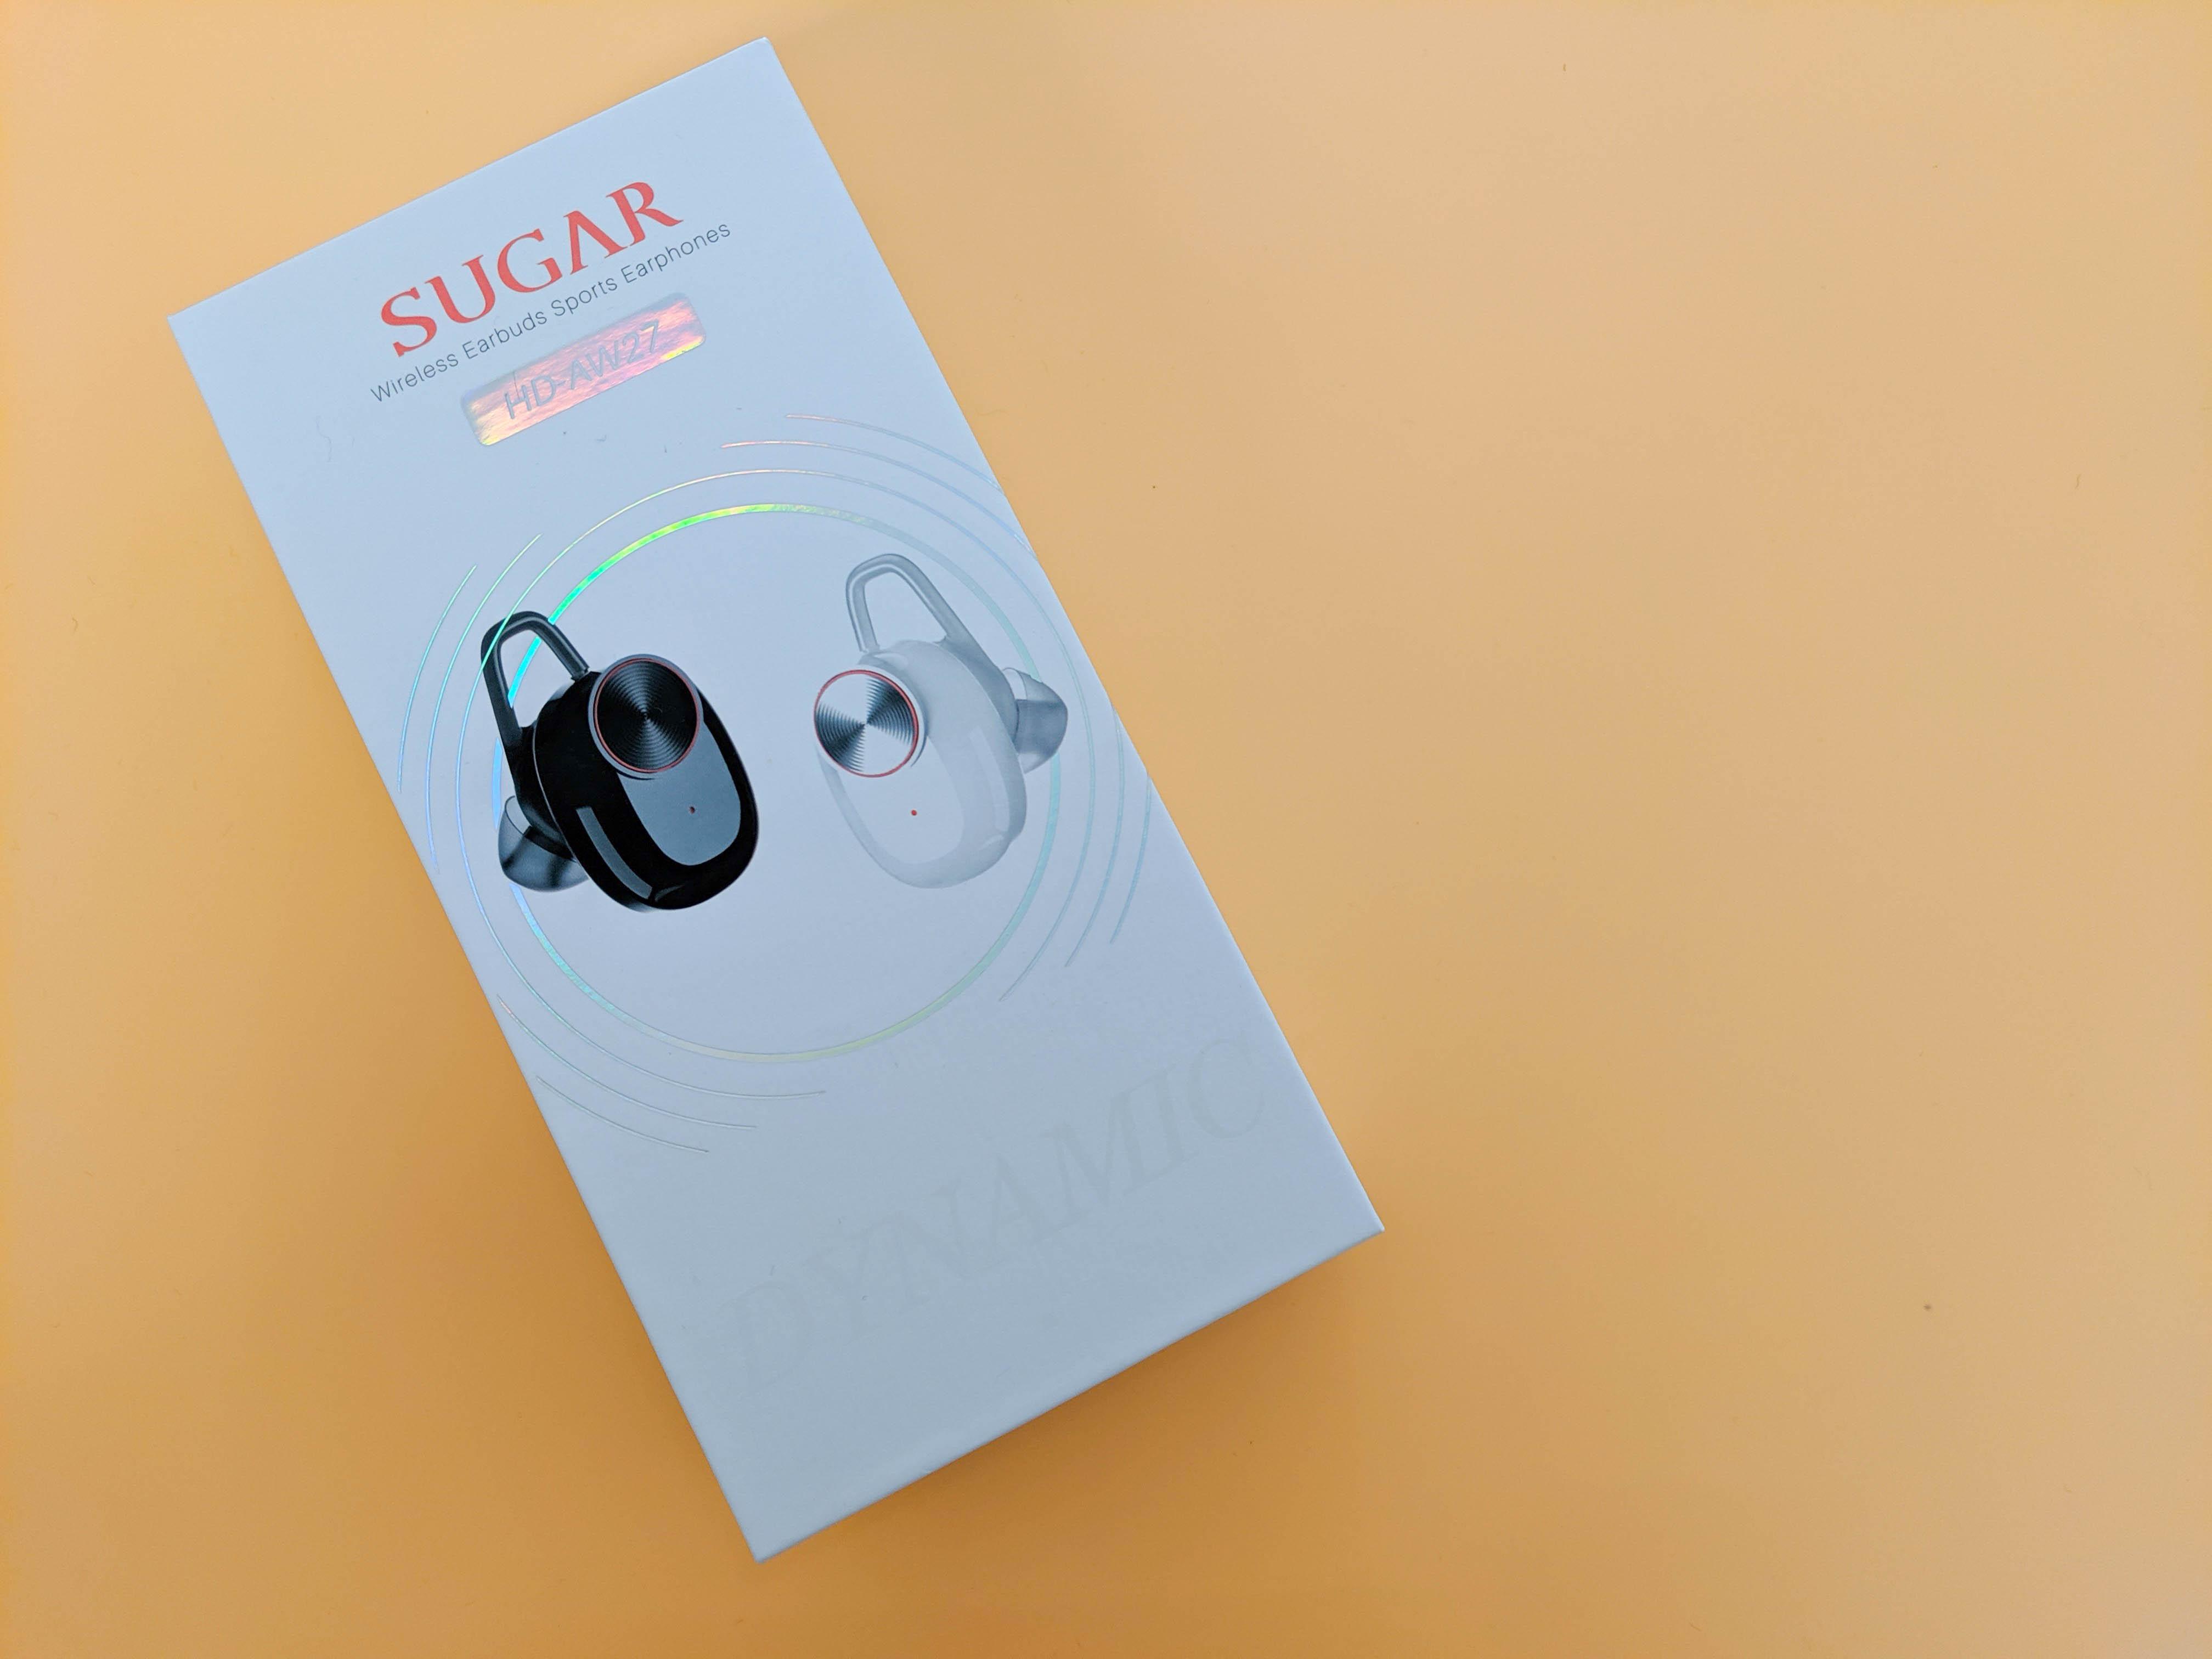 平價真無線值不值得買?SUGAR 真無線藍牙運動耳機 (HD-AW27) - 1